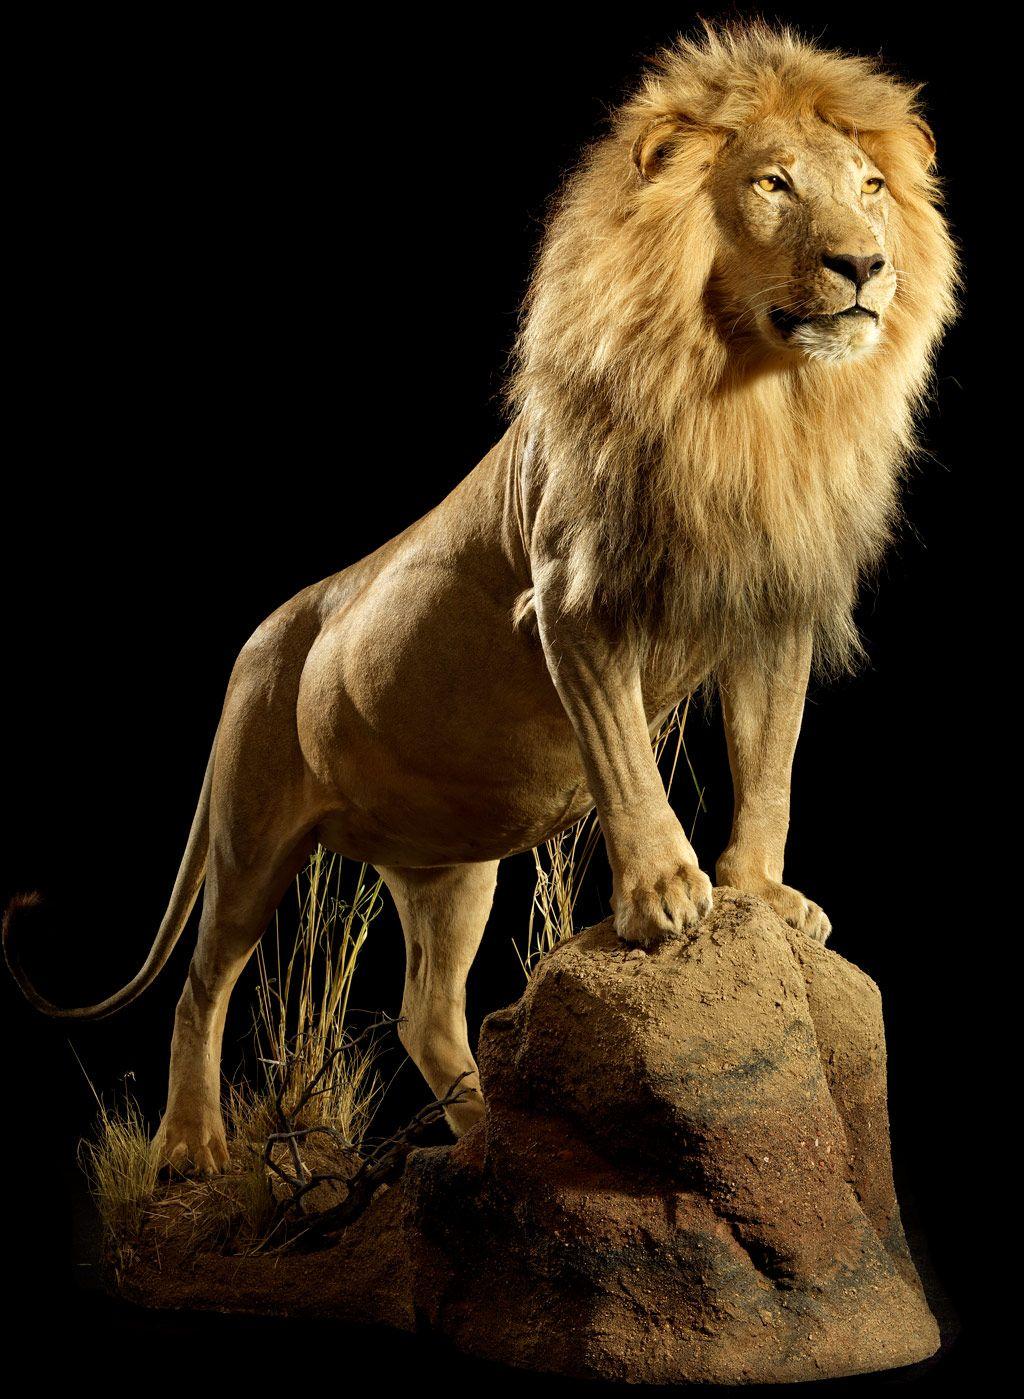 картинка сидящий лев для образования